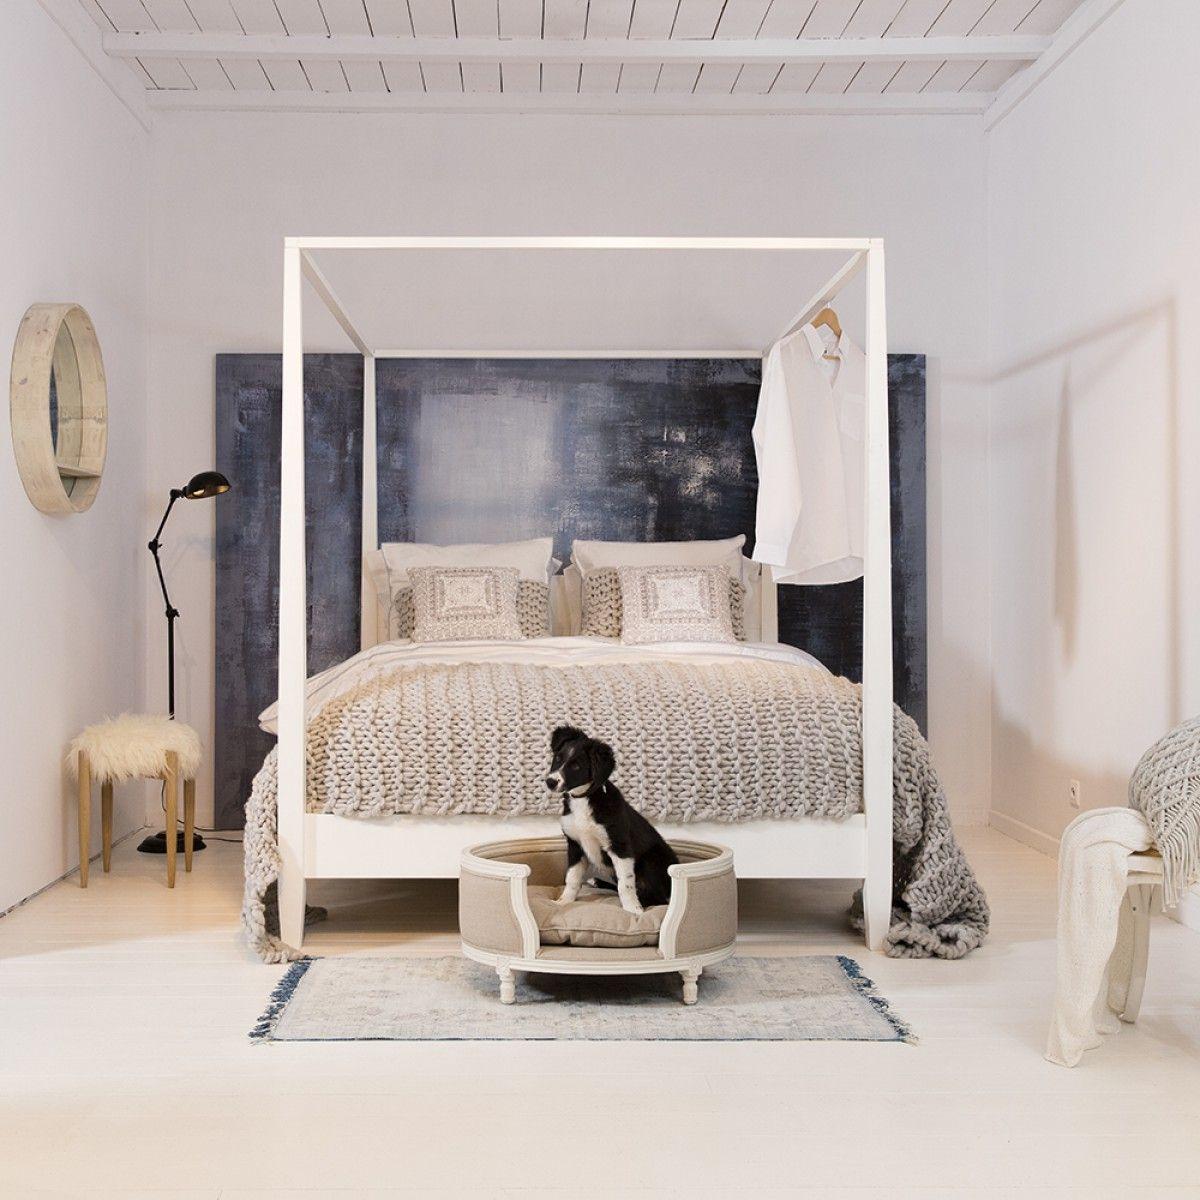 Ein Traumschlafzimmer für jeden Hundebesitzer | Trendy Produkte ...